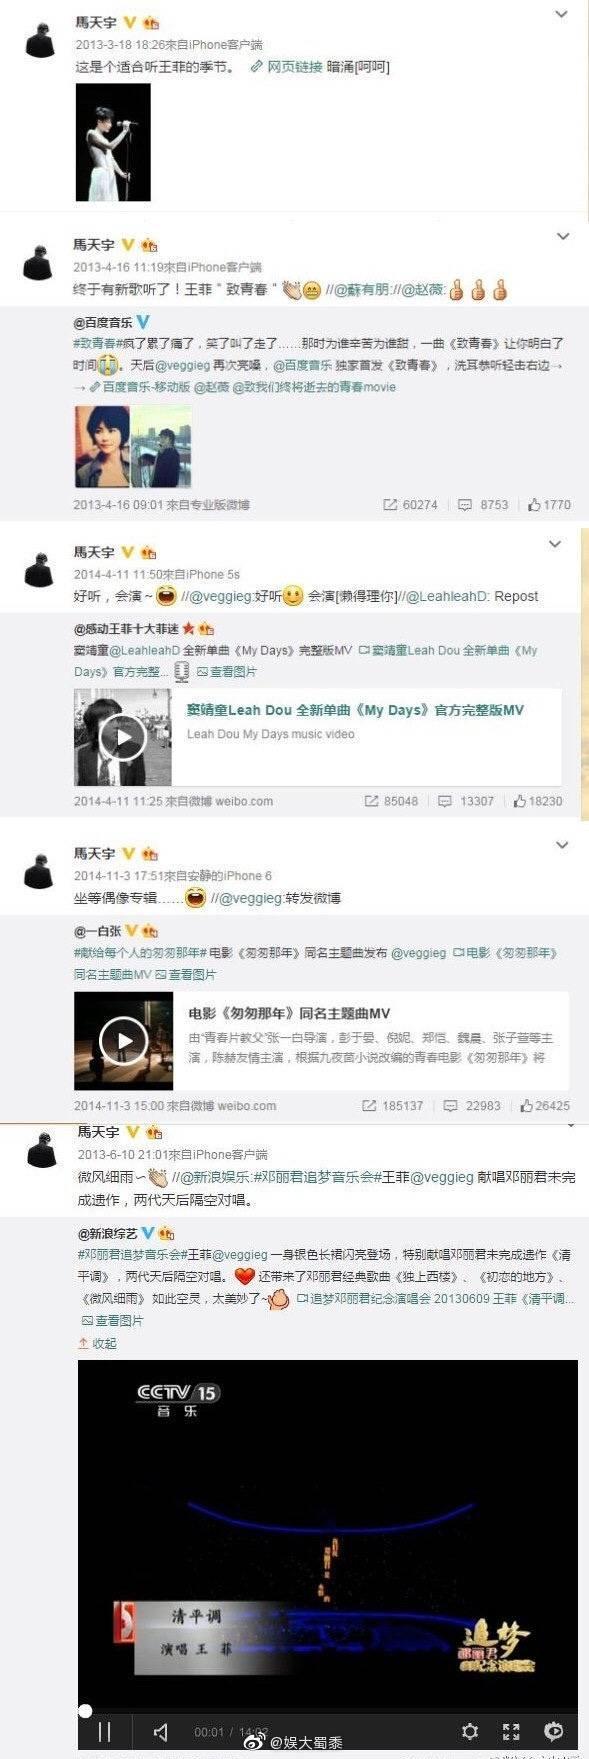 马天宇发文表白王菲,这辈子只喜欢两个绿头发女人,没想到却被网友吐槽